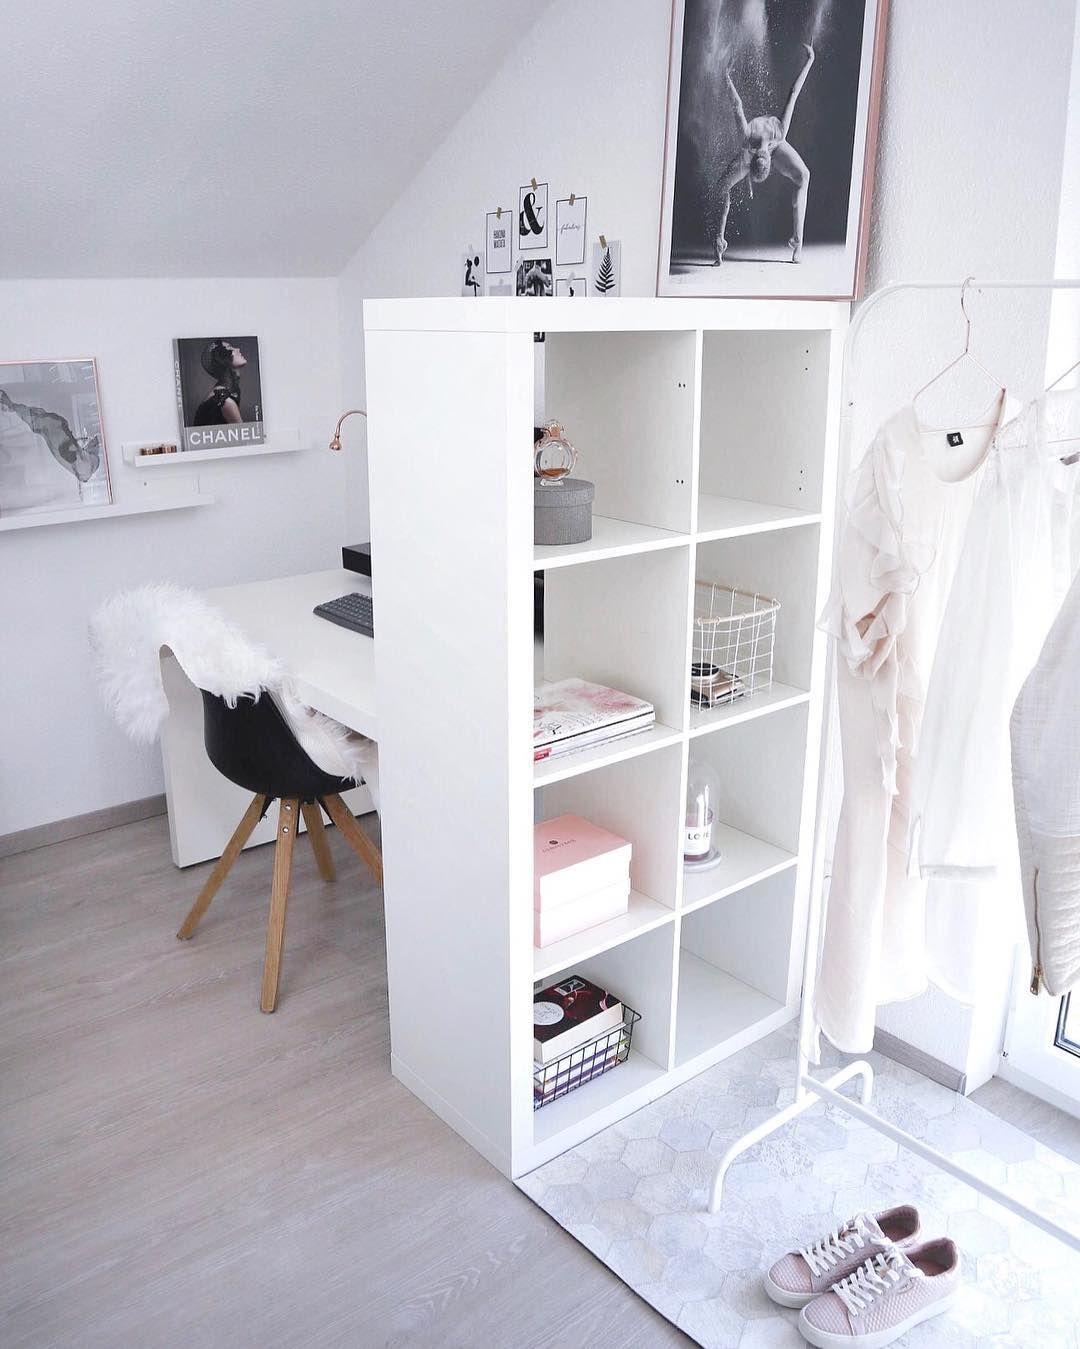 Pin Von Katie Egan Auf Einrichtung Tumblr Zimmer Einrichtung Raumdekoration Ideen Fürs Zimmer